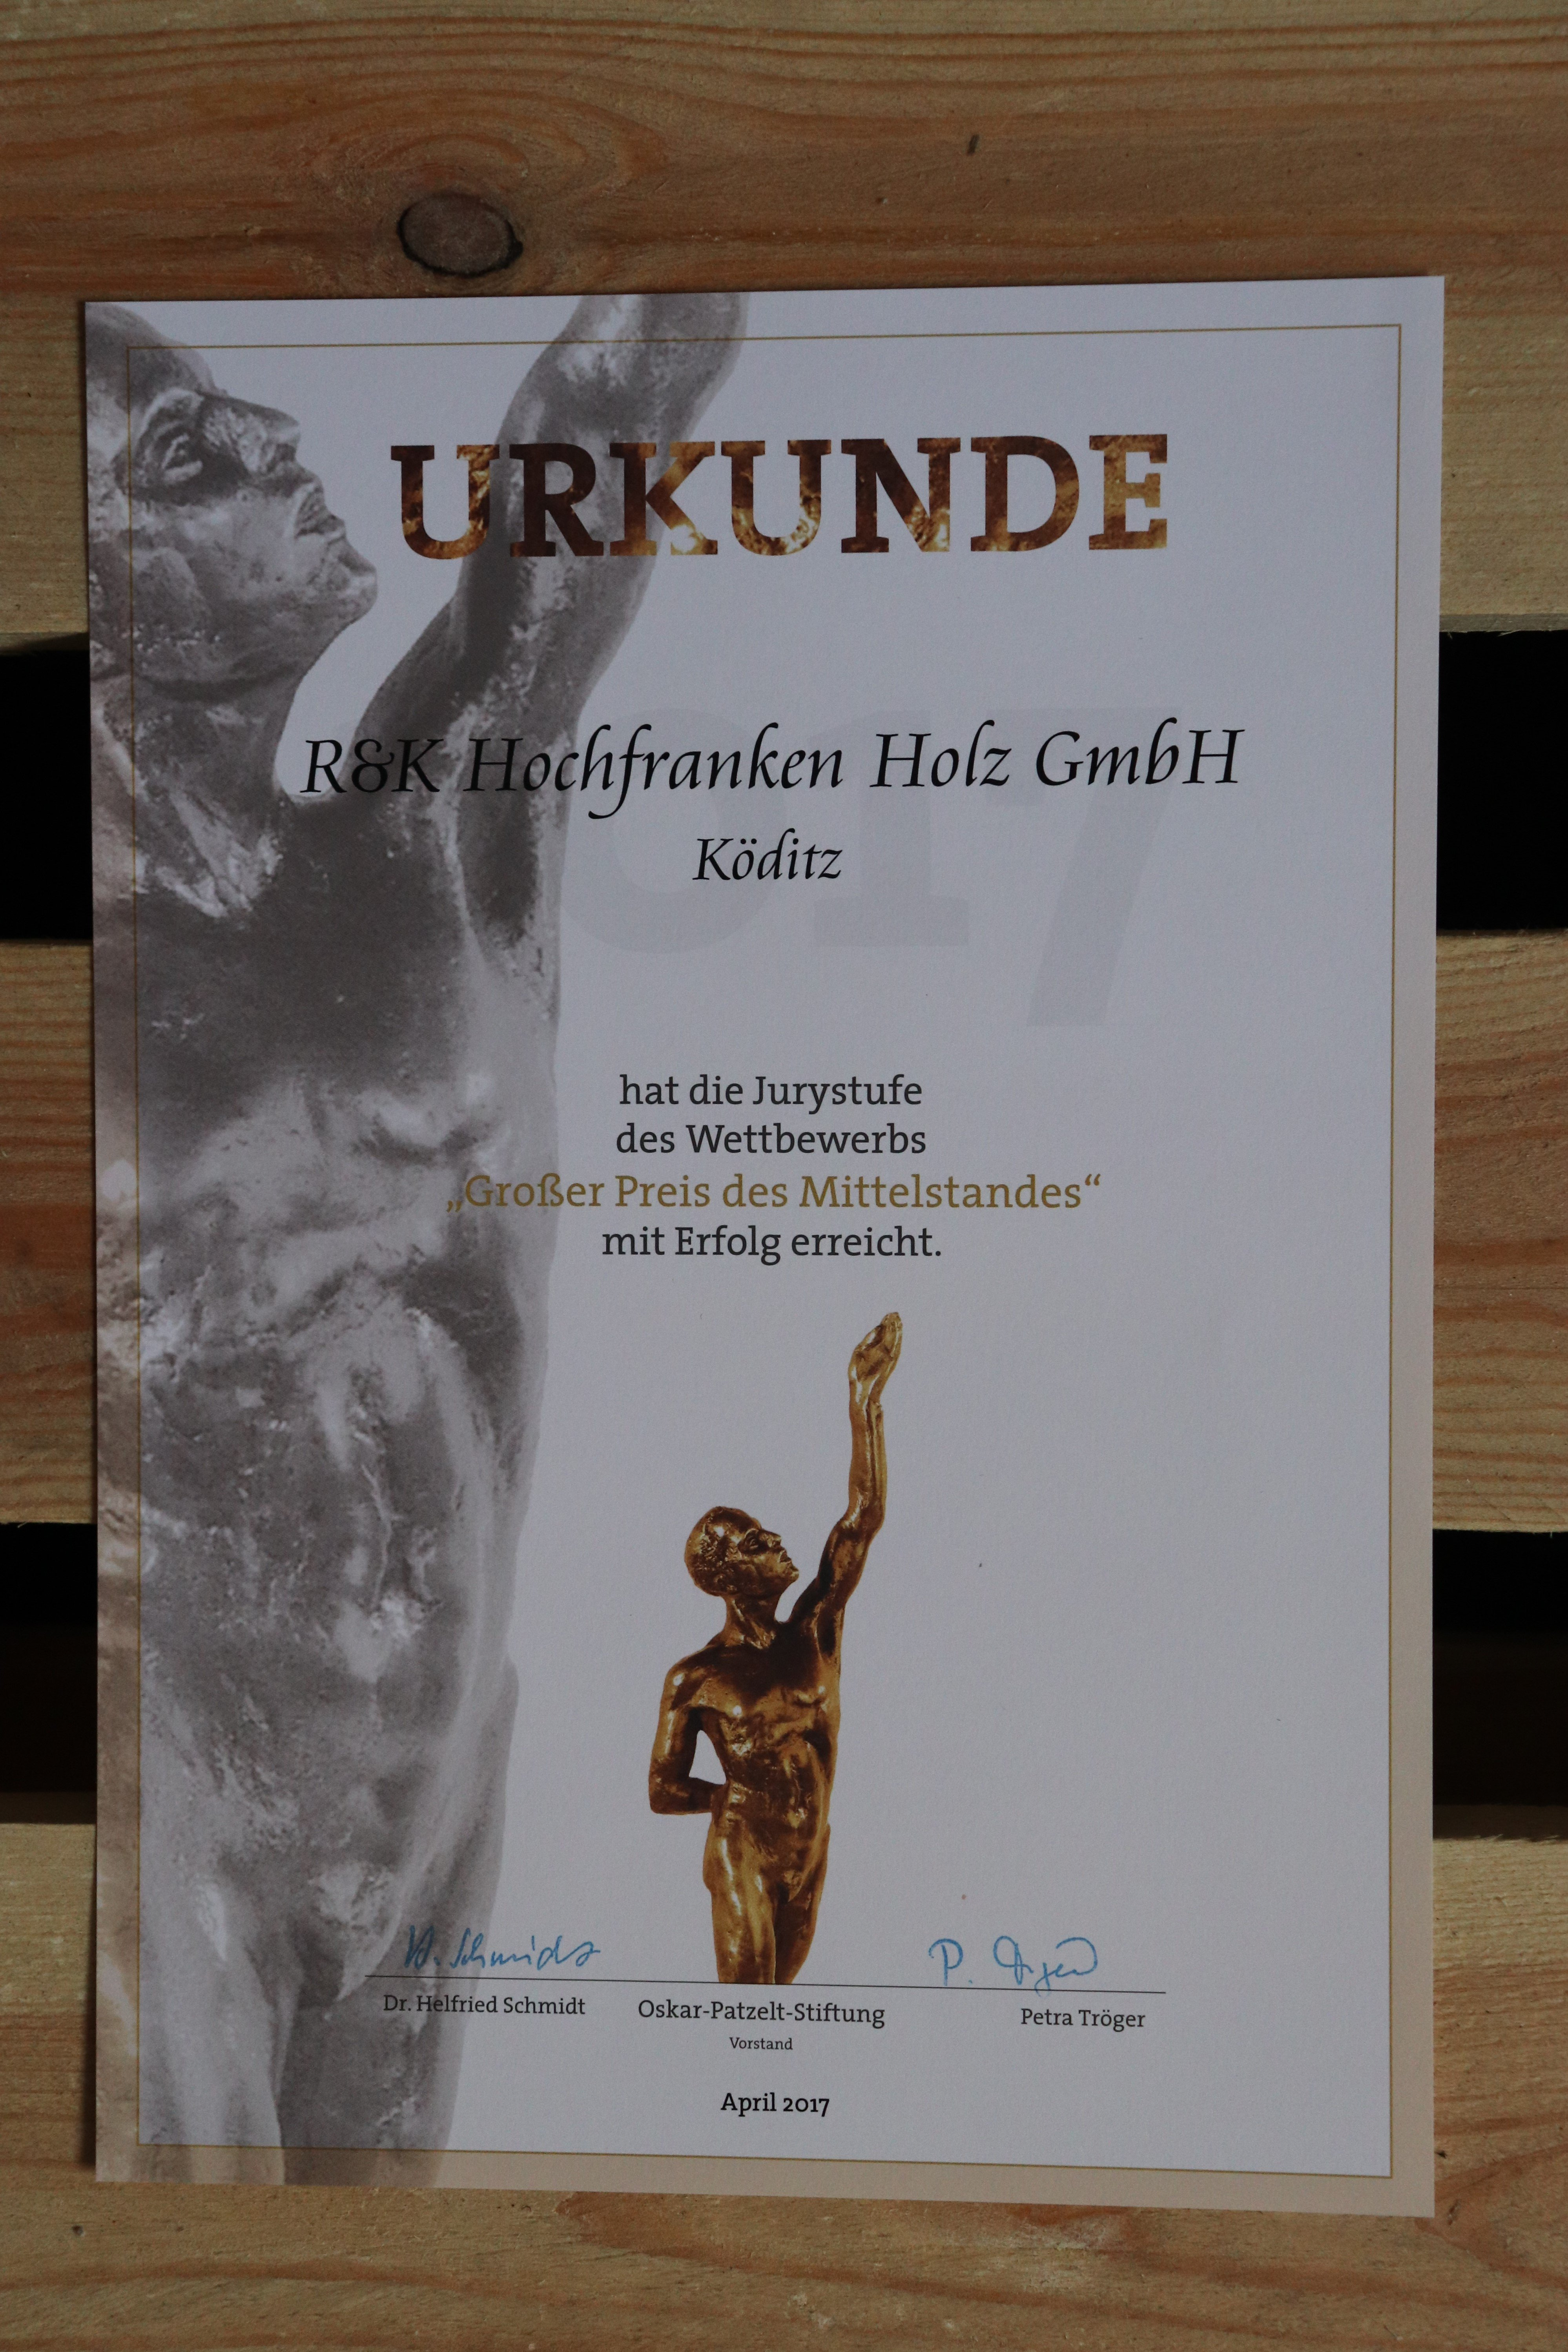 Jurystufe des großen Preis Mittelstand erreicht 8